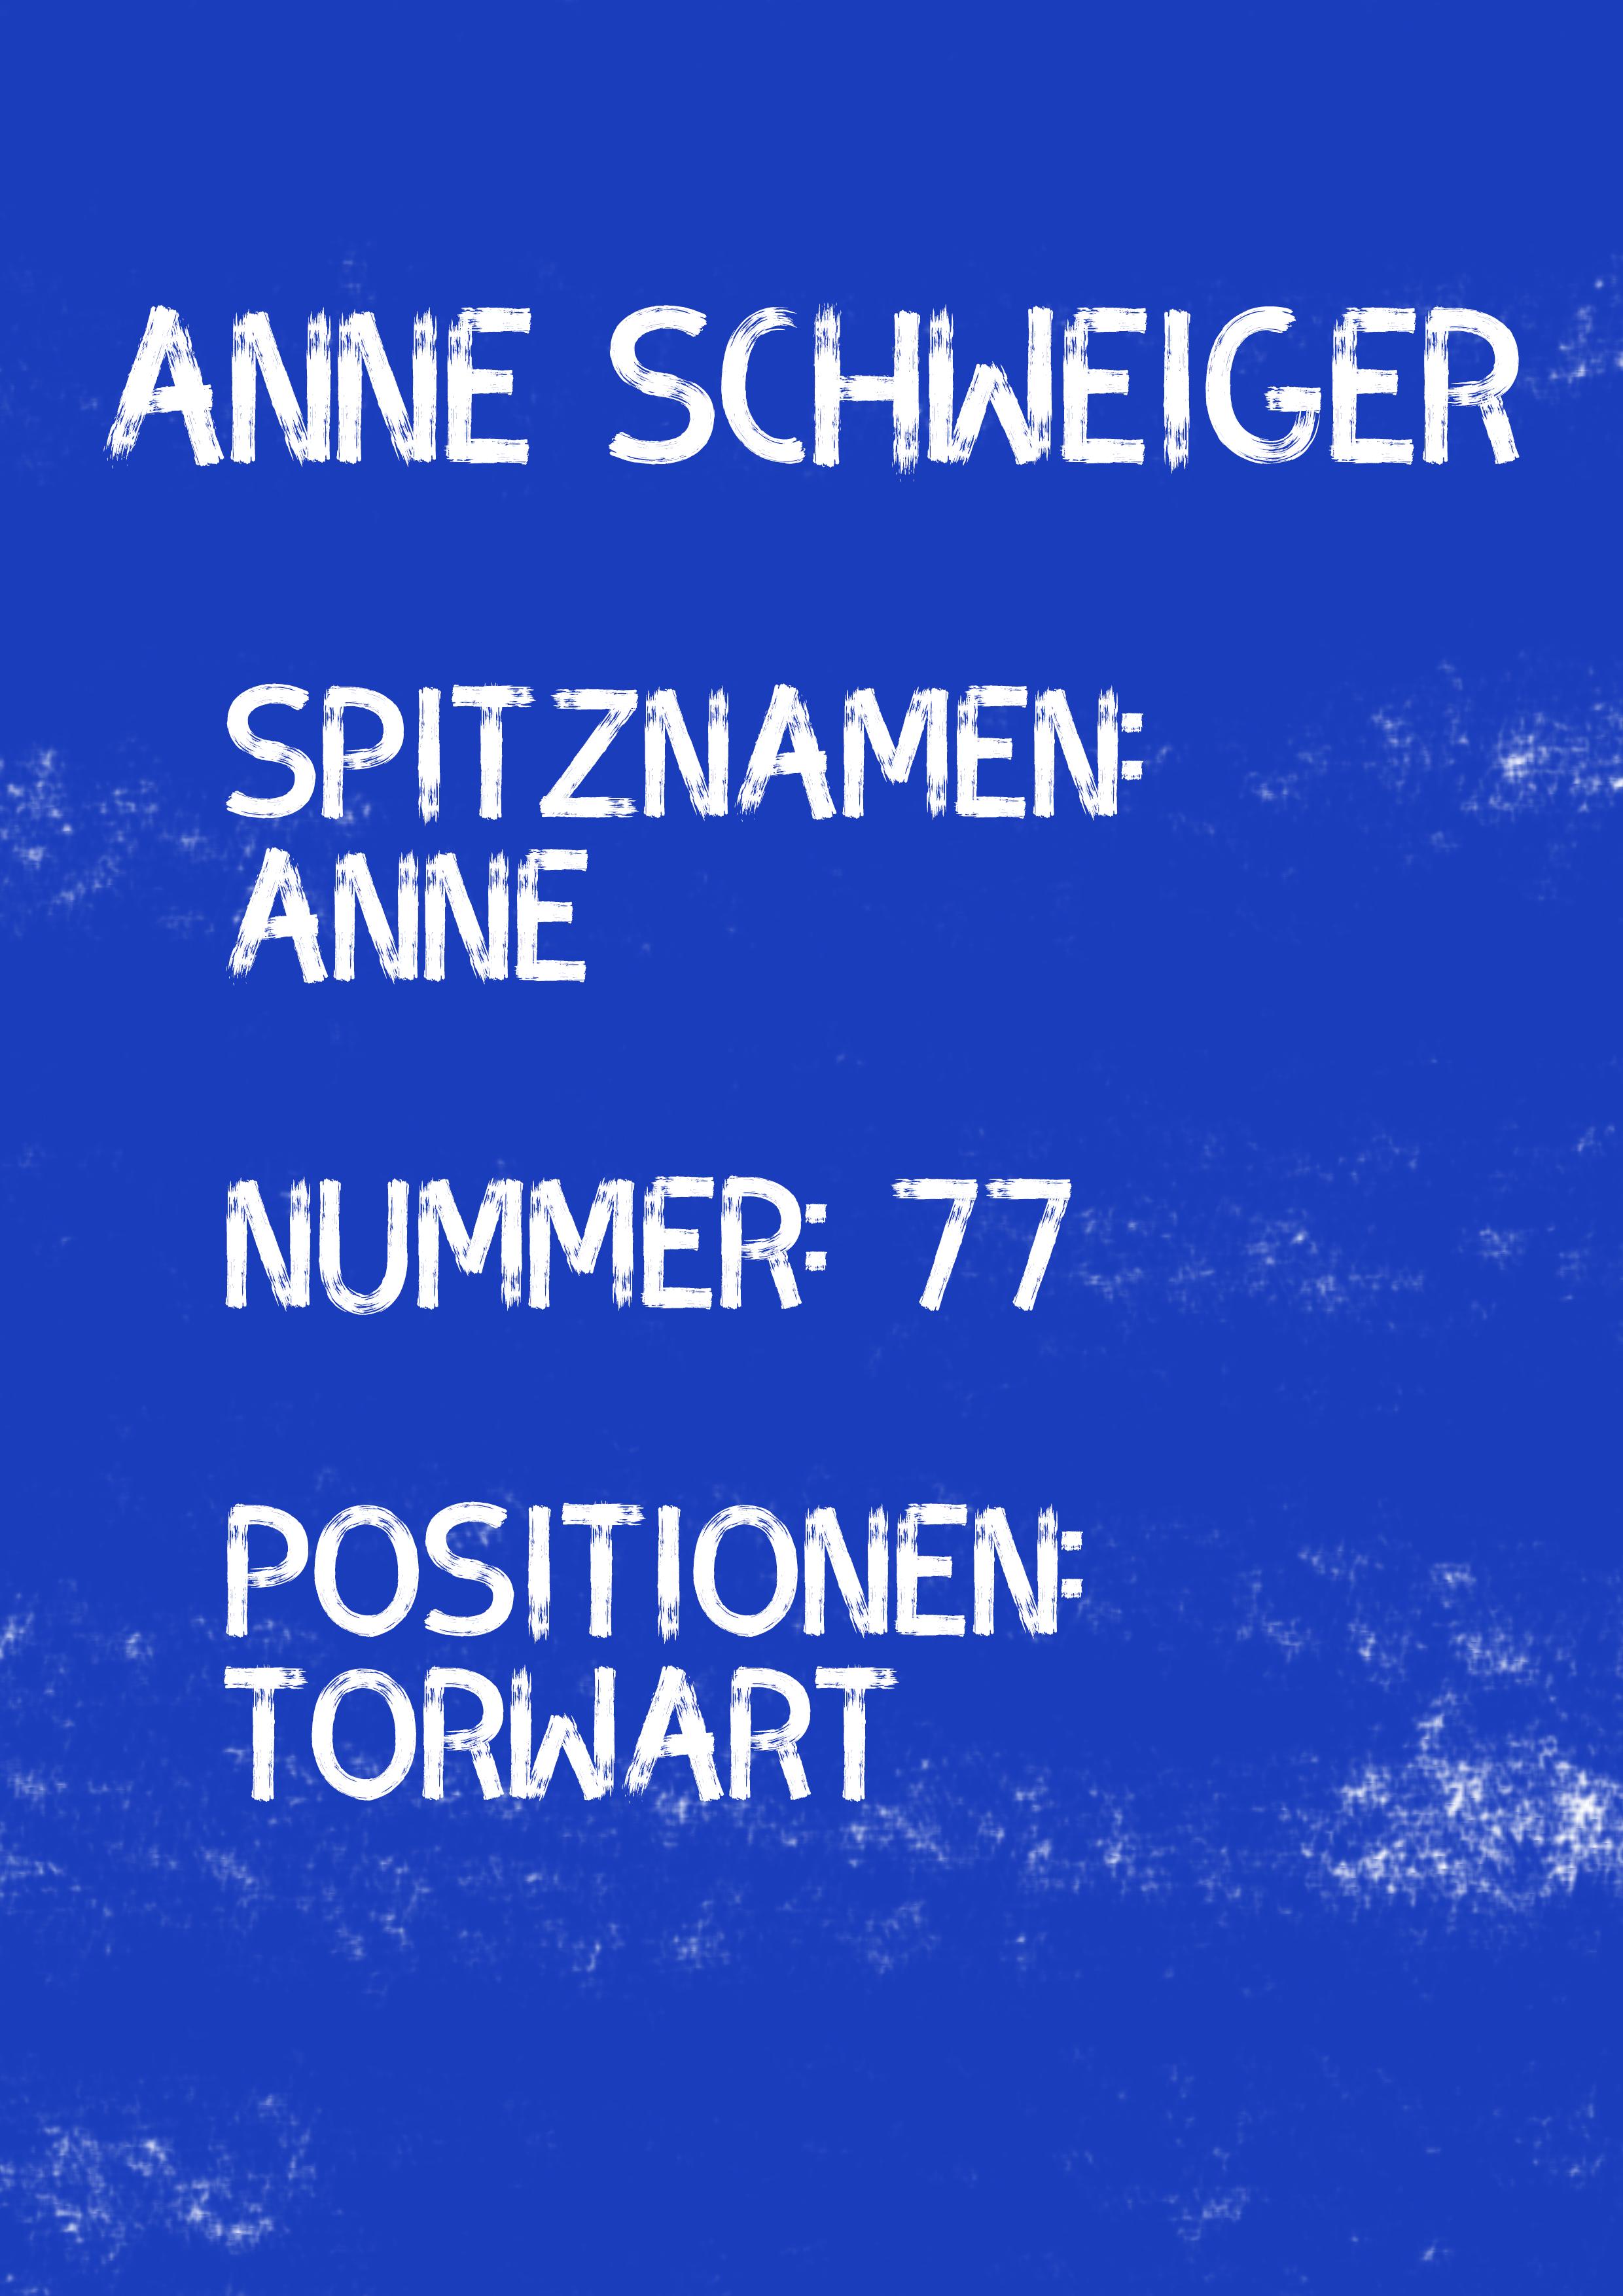 AnneSchwaigerDaten